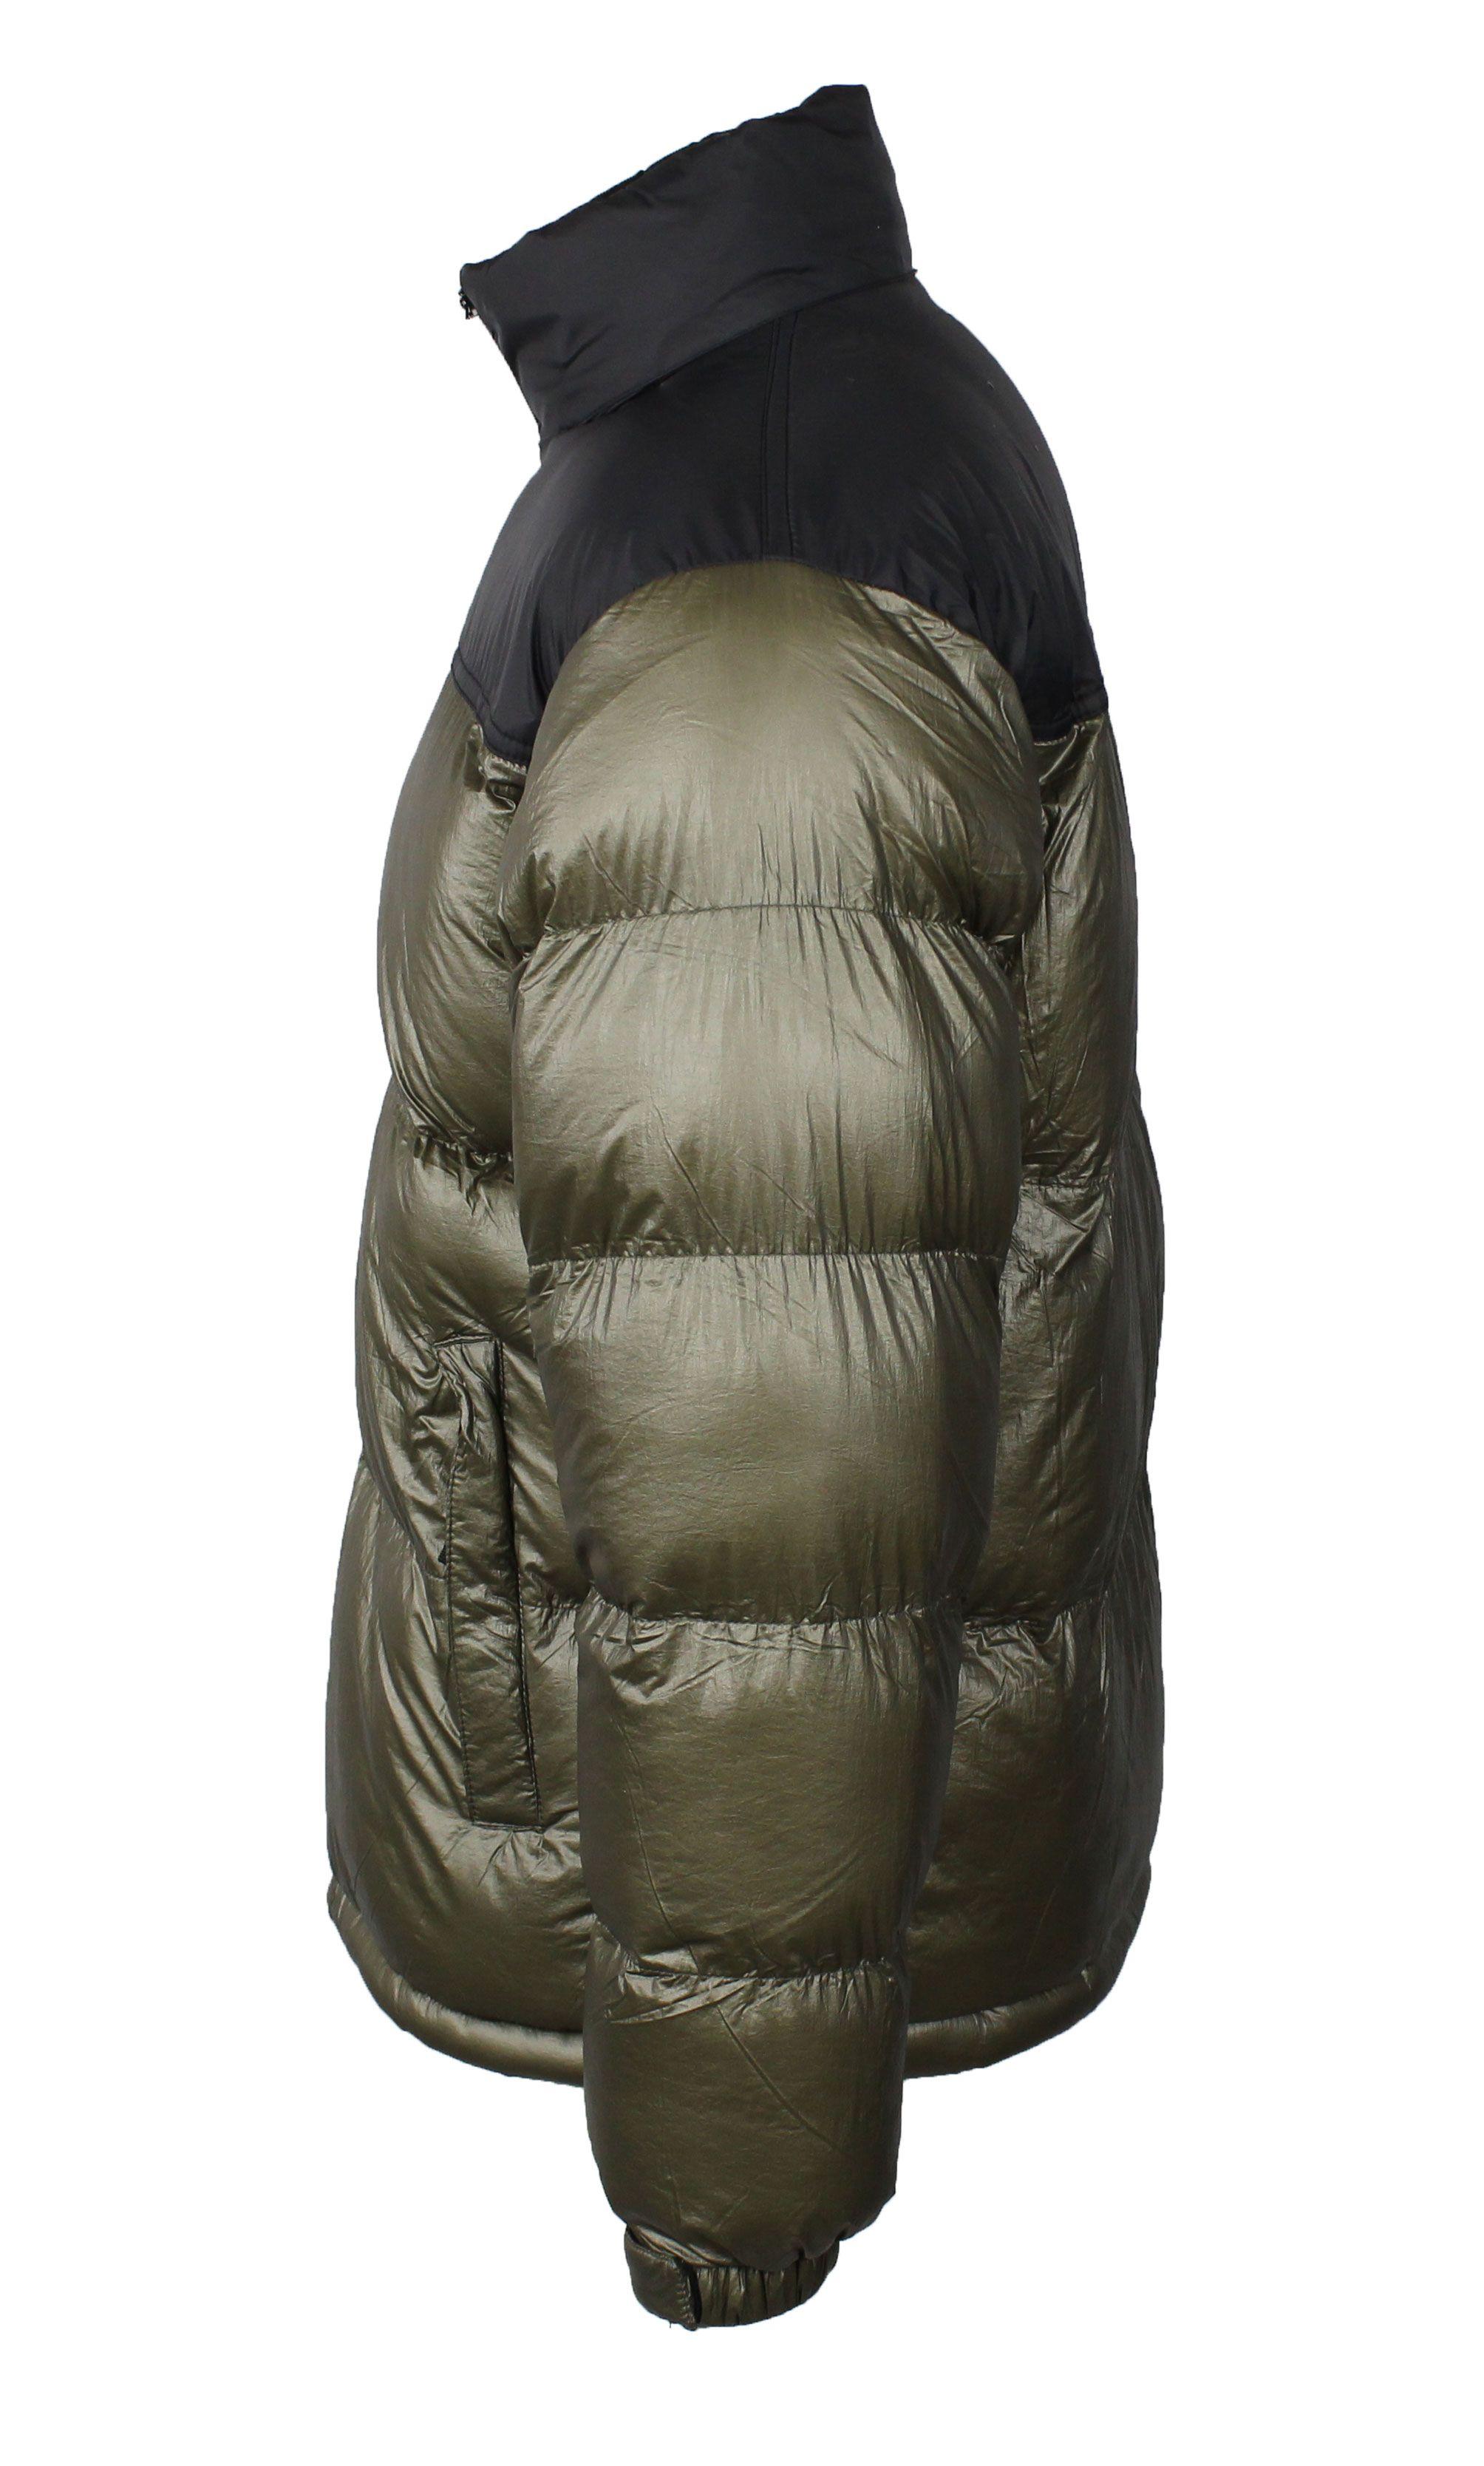 Giubbotto-Uomo-Invernale-Giubbino-Imbottito-Giacca-Piumino-Bomber-Blu-Oro-Argent miniatura 12